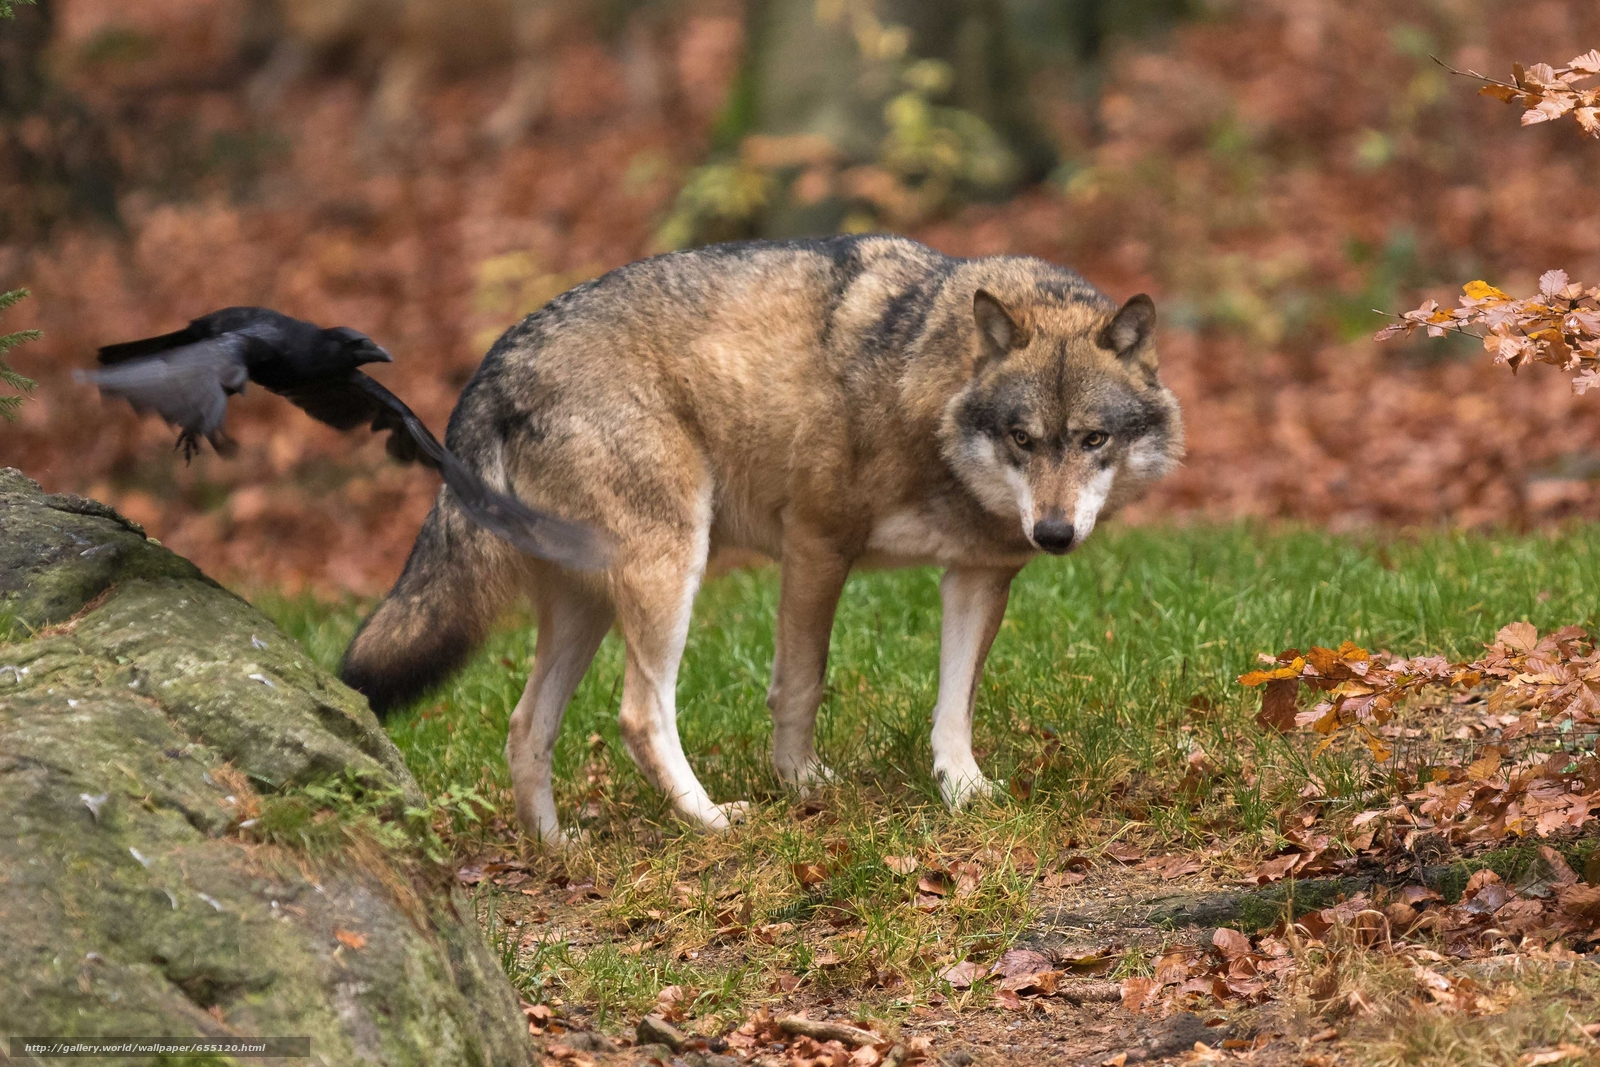 Tlcharger Fond d'ecran loup,  prédateur,  animaux Fonds d'ecran gratuits pour votre rsolution du bureau 3856x2571 — image №655120